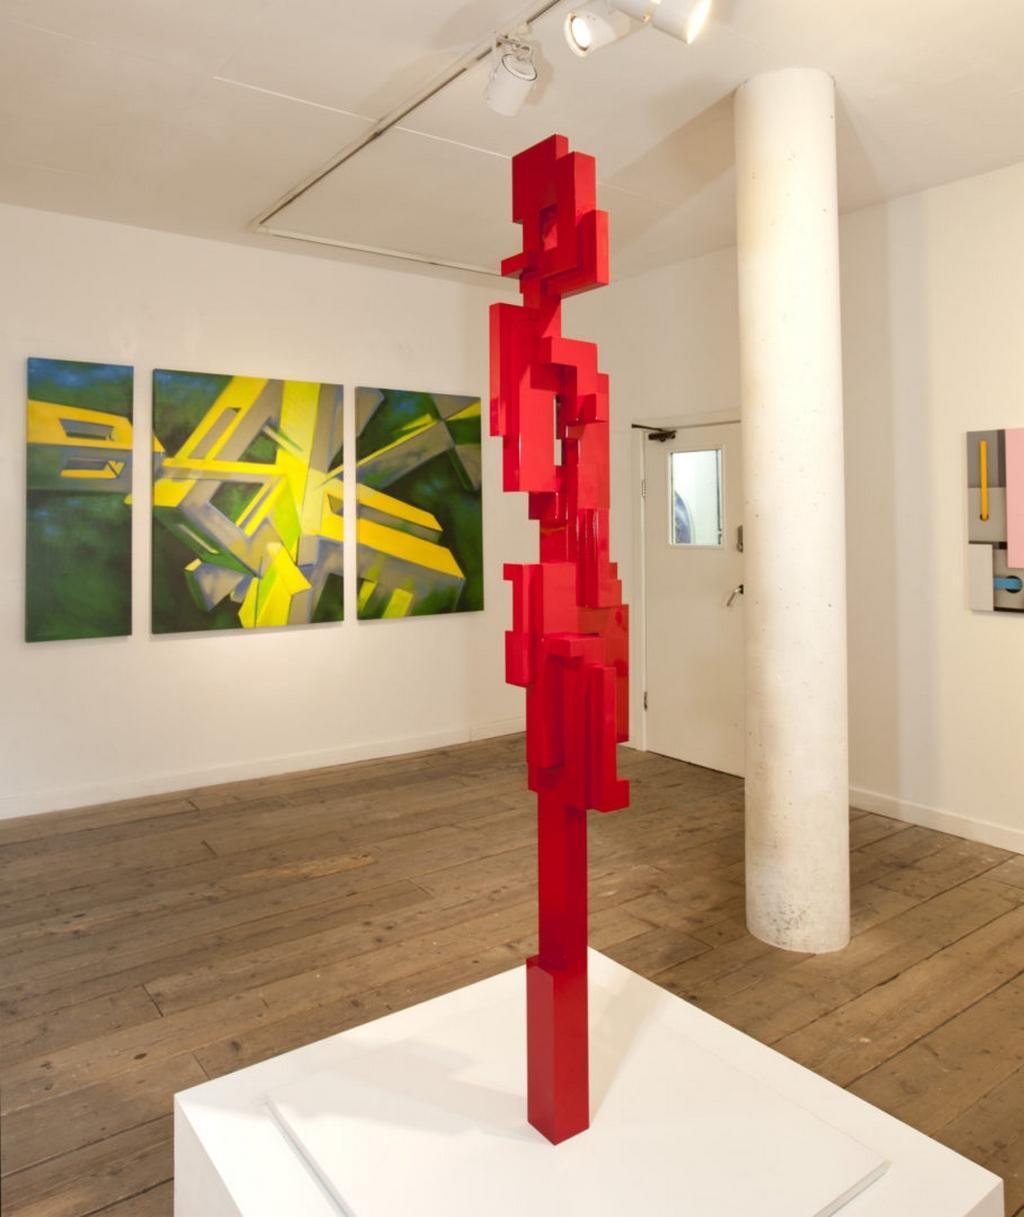 Jak Kaláb / Červený totem a zelený triptych, 2015